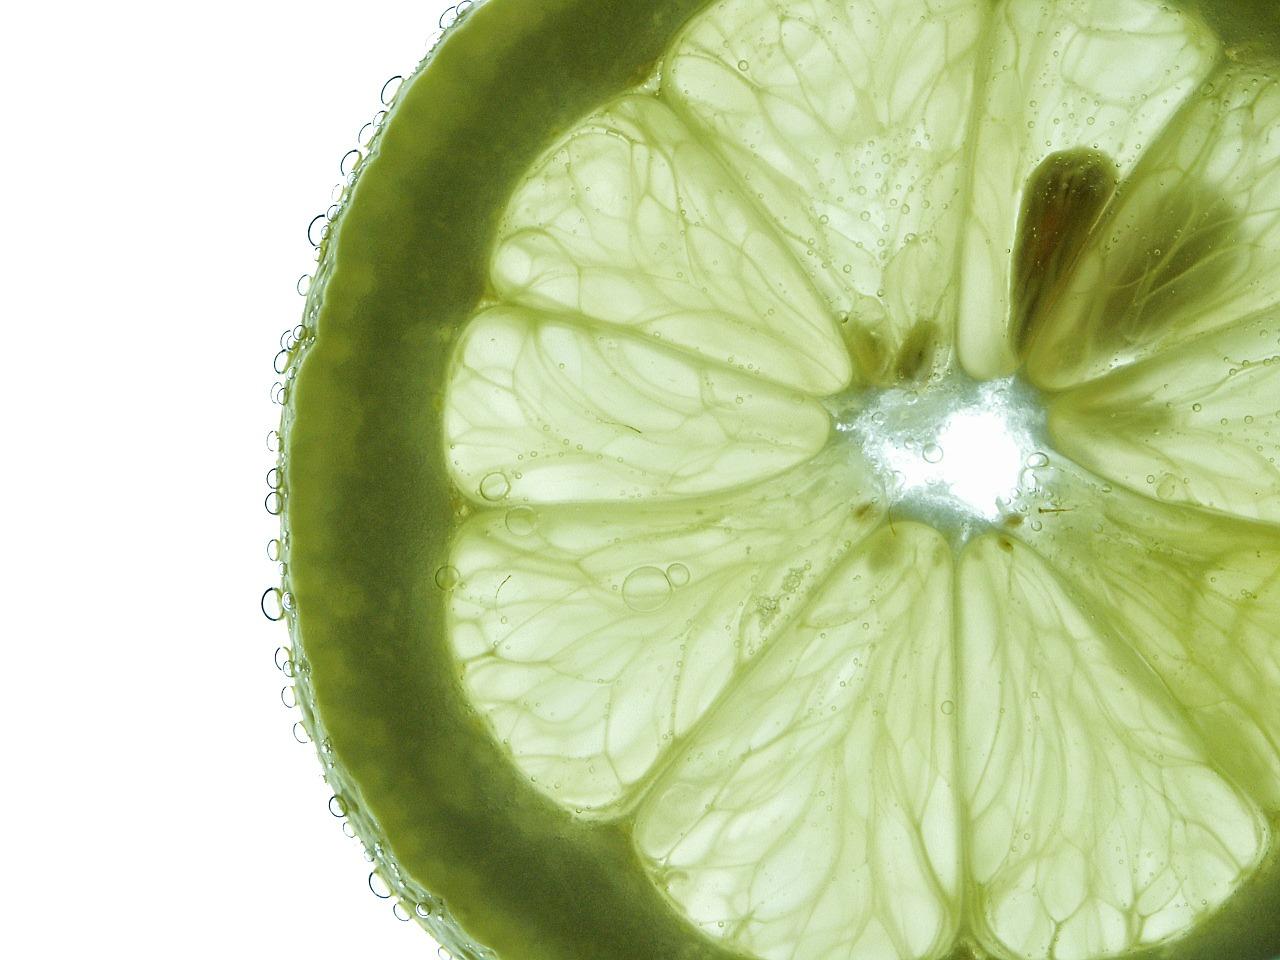 olio essenziale di limone proprietà cosmetiche